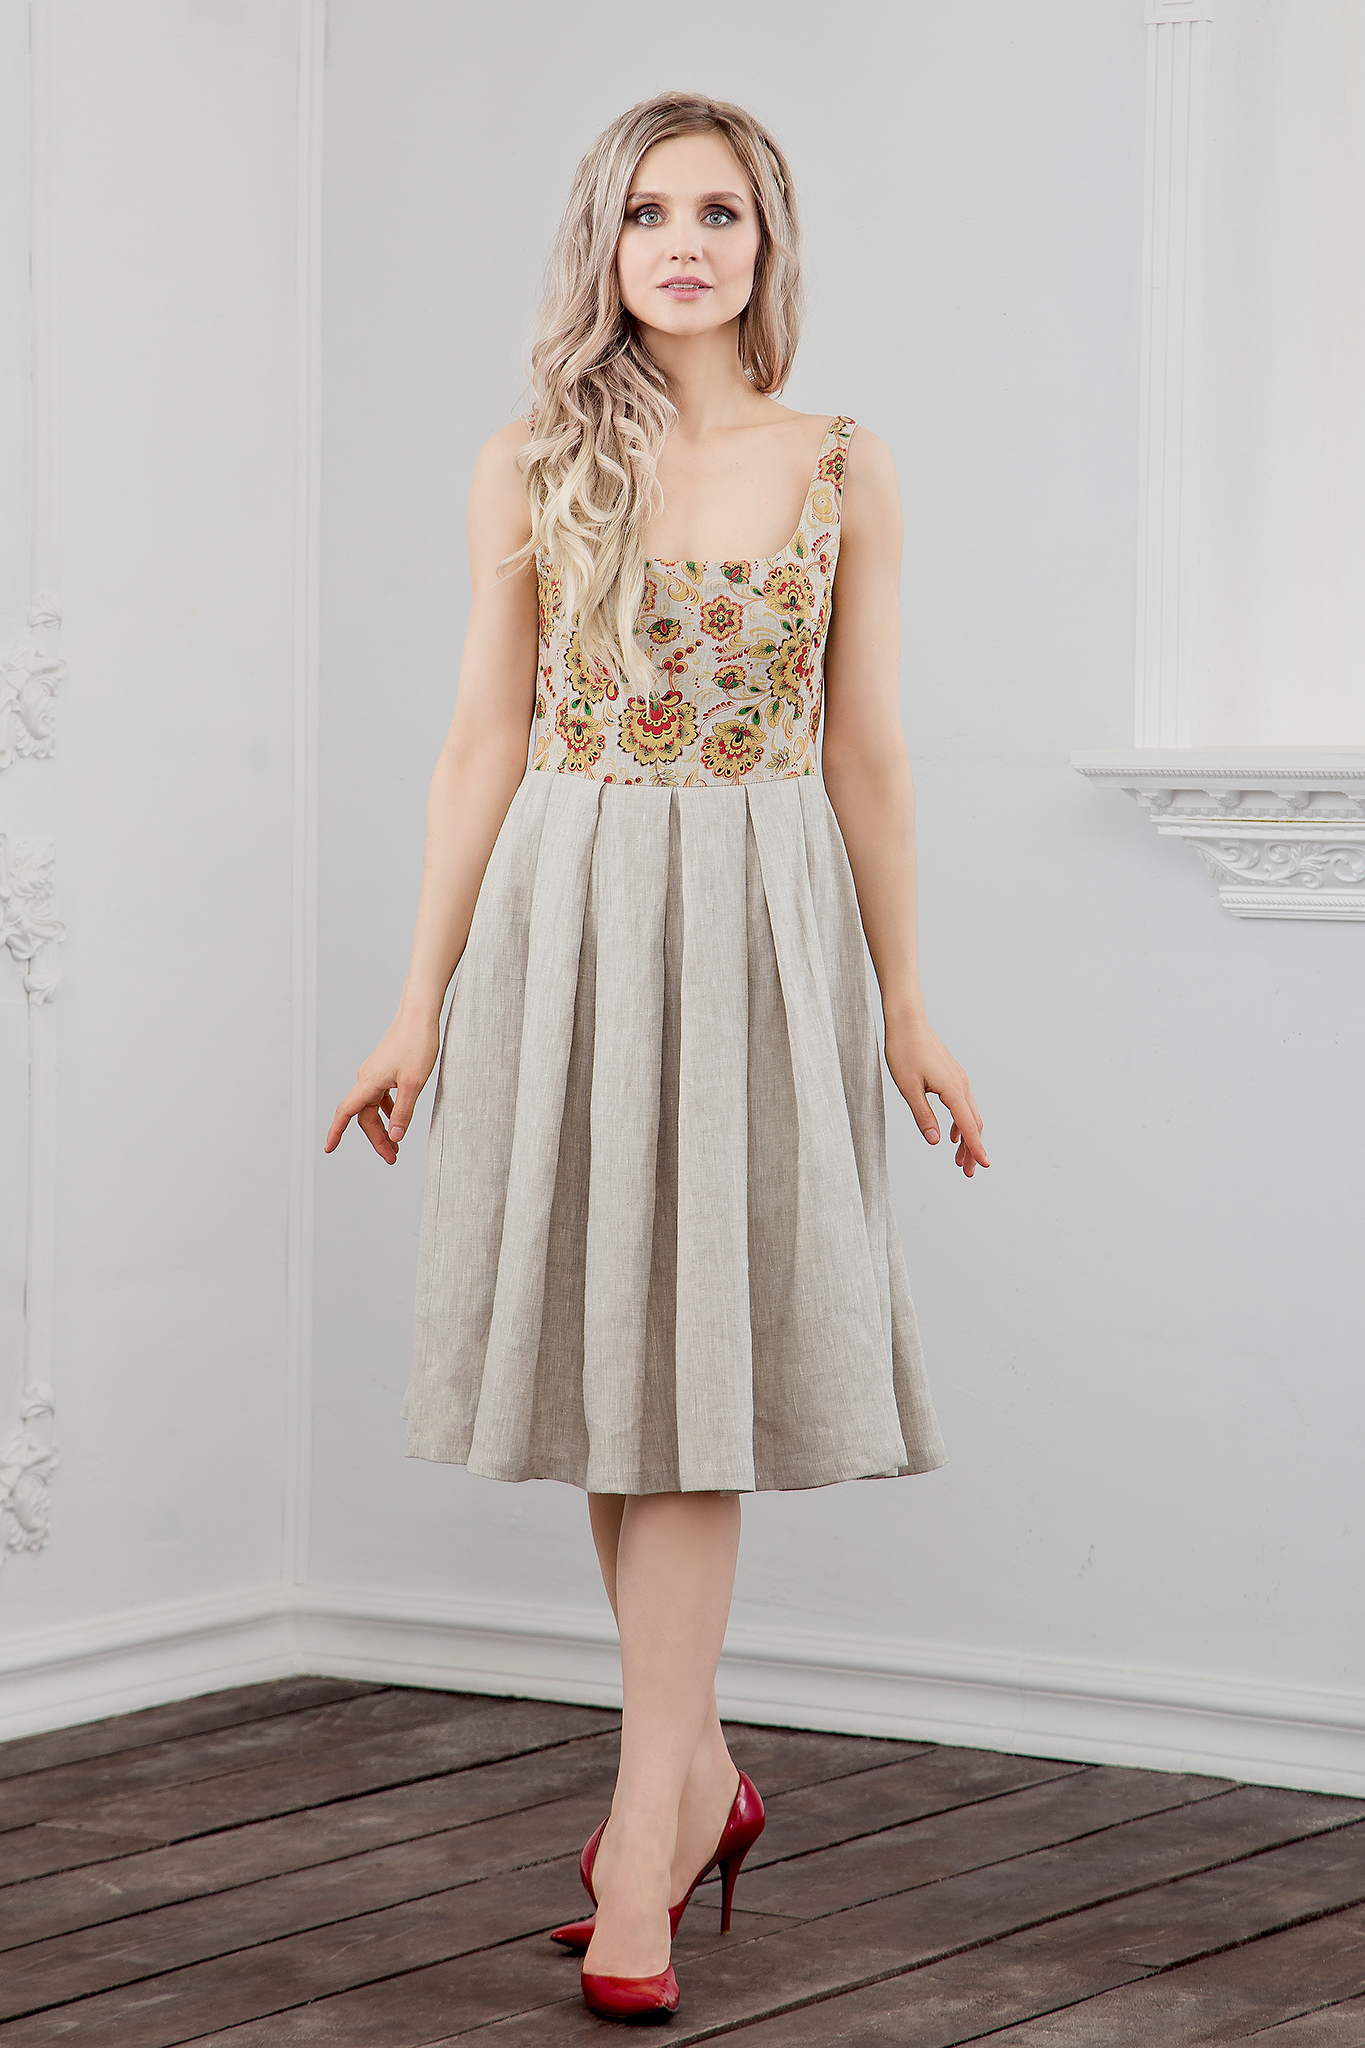 Платье Иванка c хохломой из небелёного льна